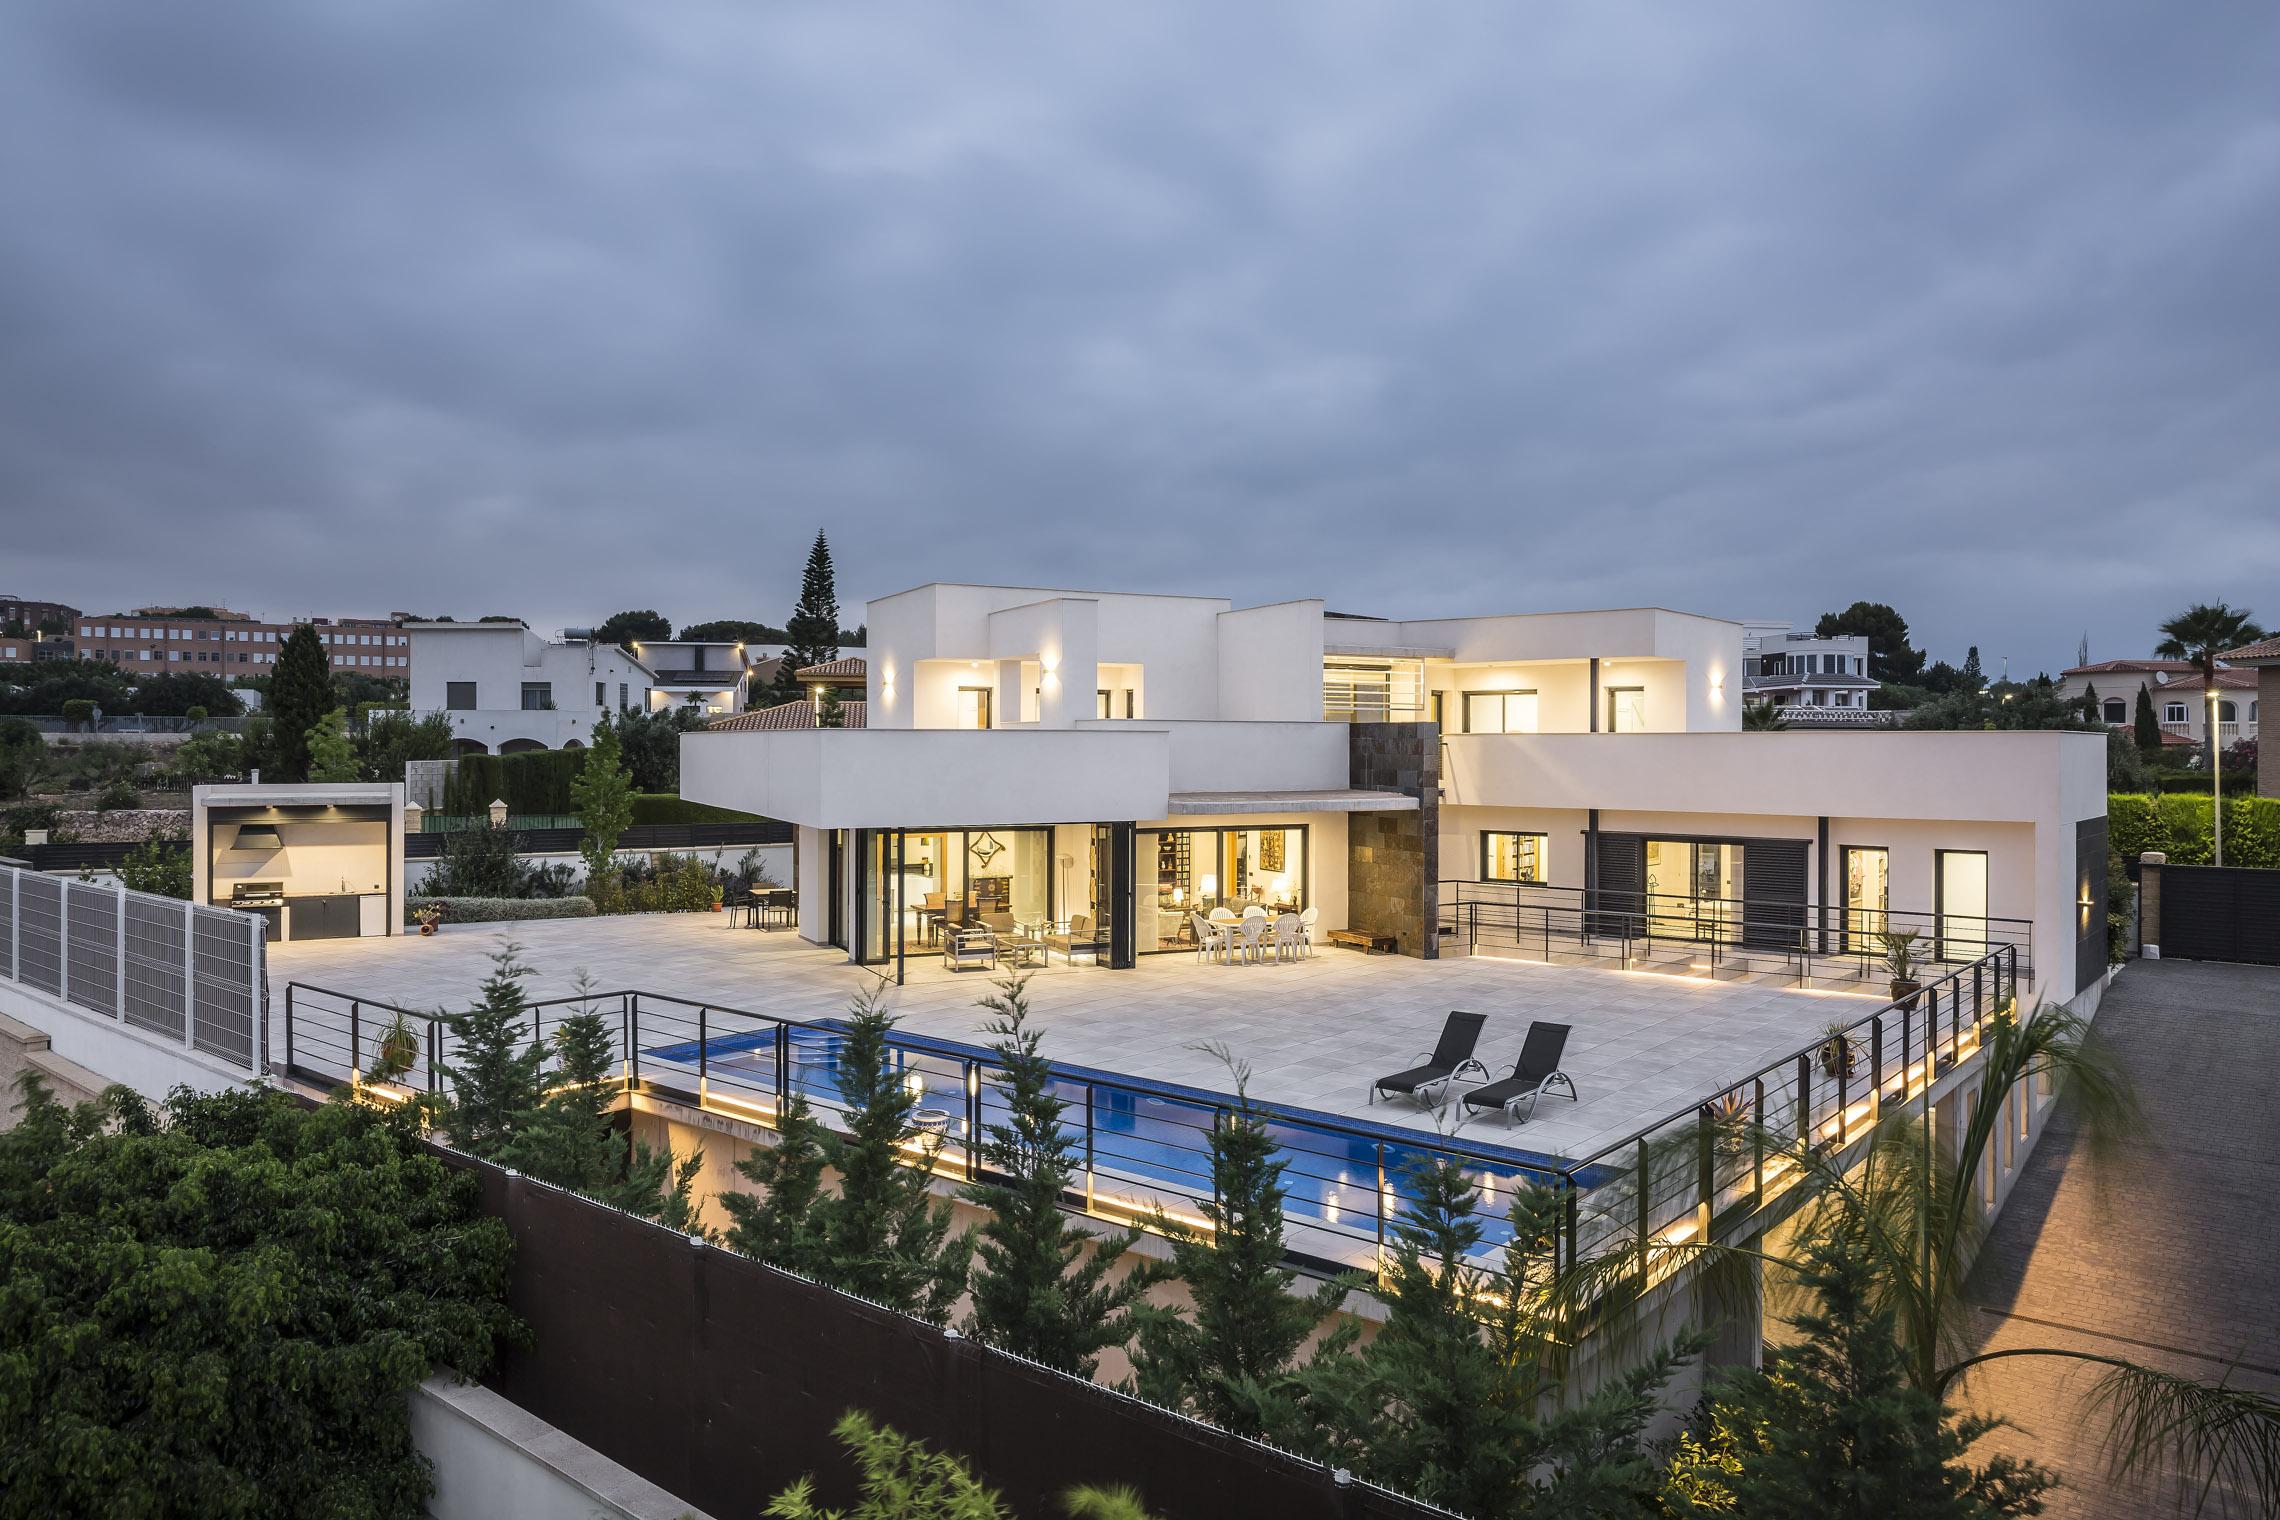 Espacio de piscina, barbacoa y jardín. Casa Alicante.